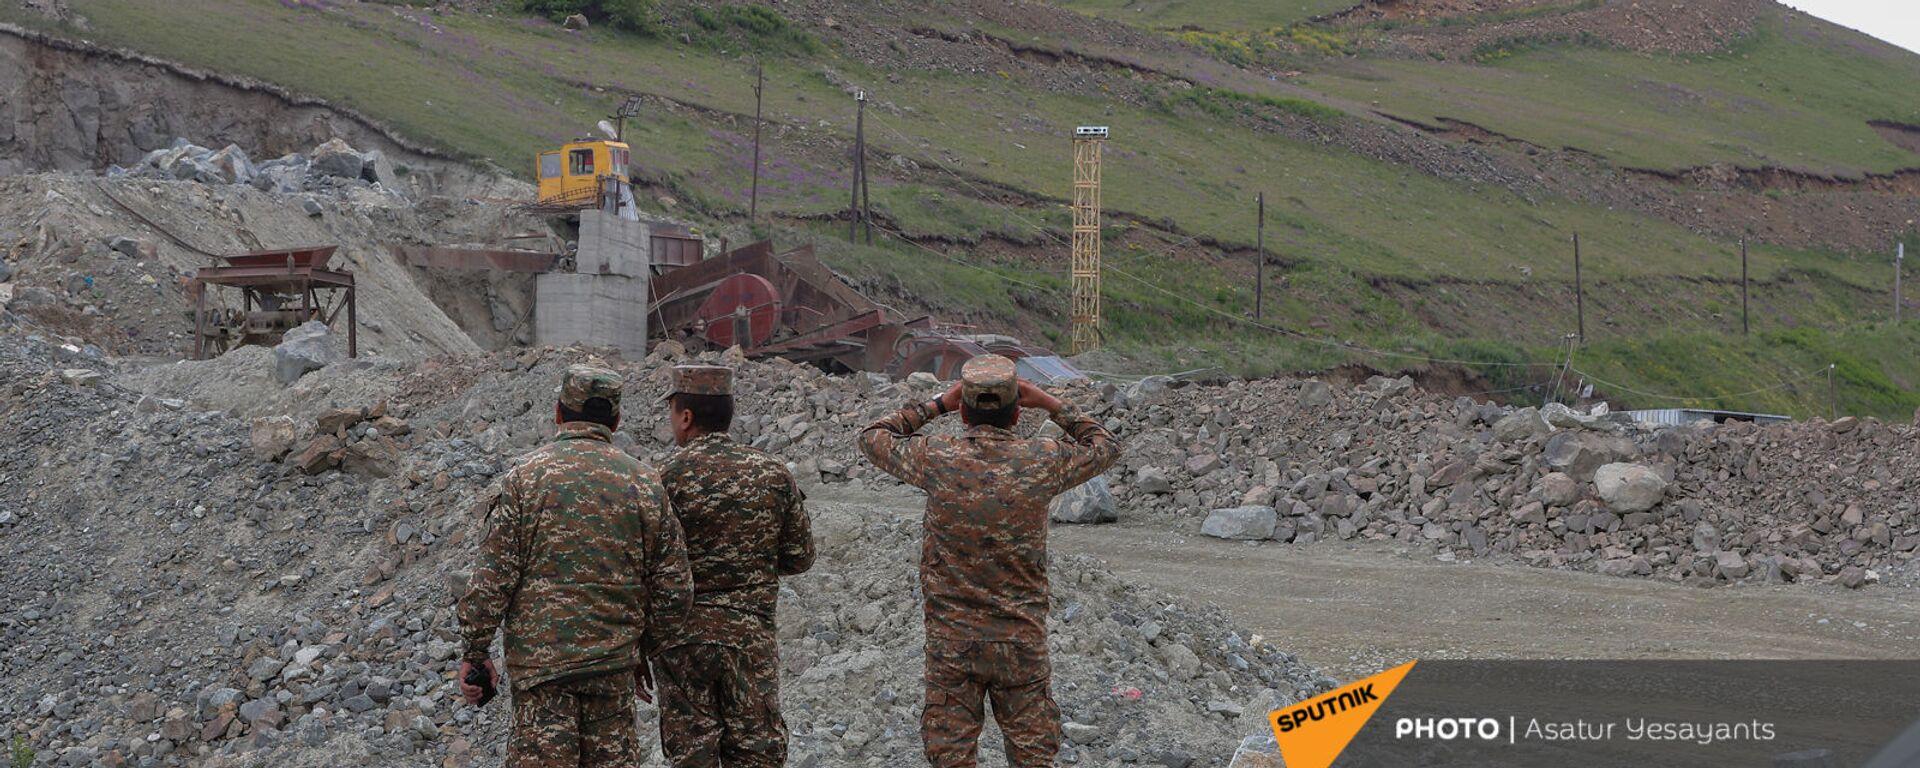 Армянские военные ведут наблюдение за постом противника у Сотка - Sputnik Արմենիա, 1920, 13.06.2021